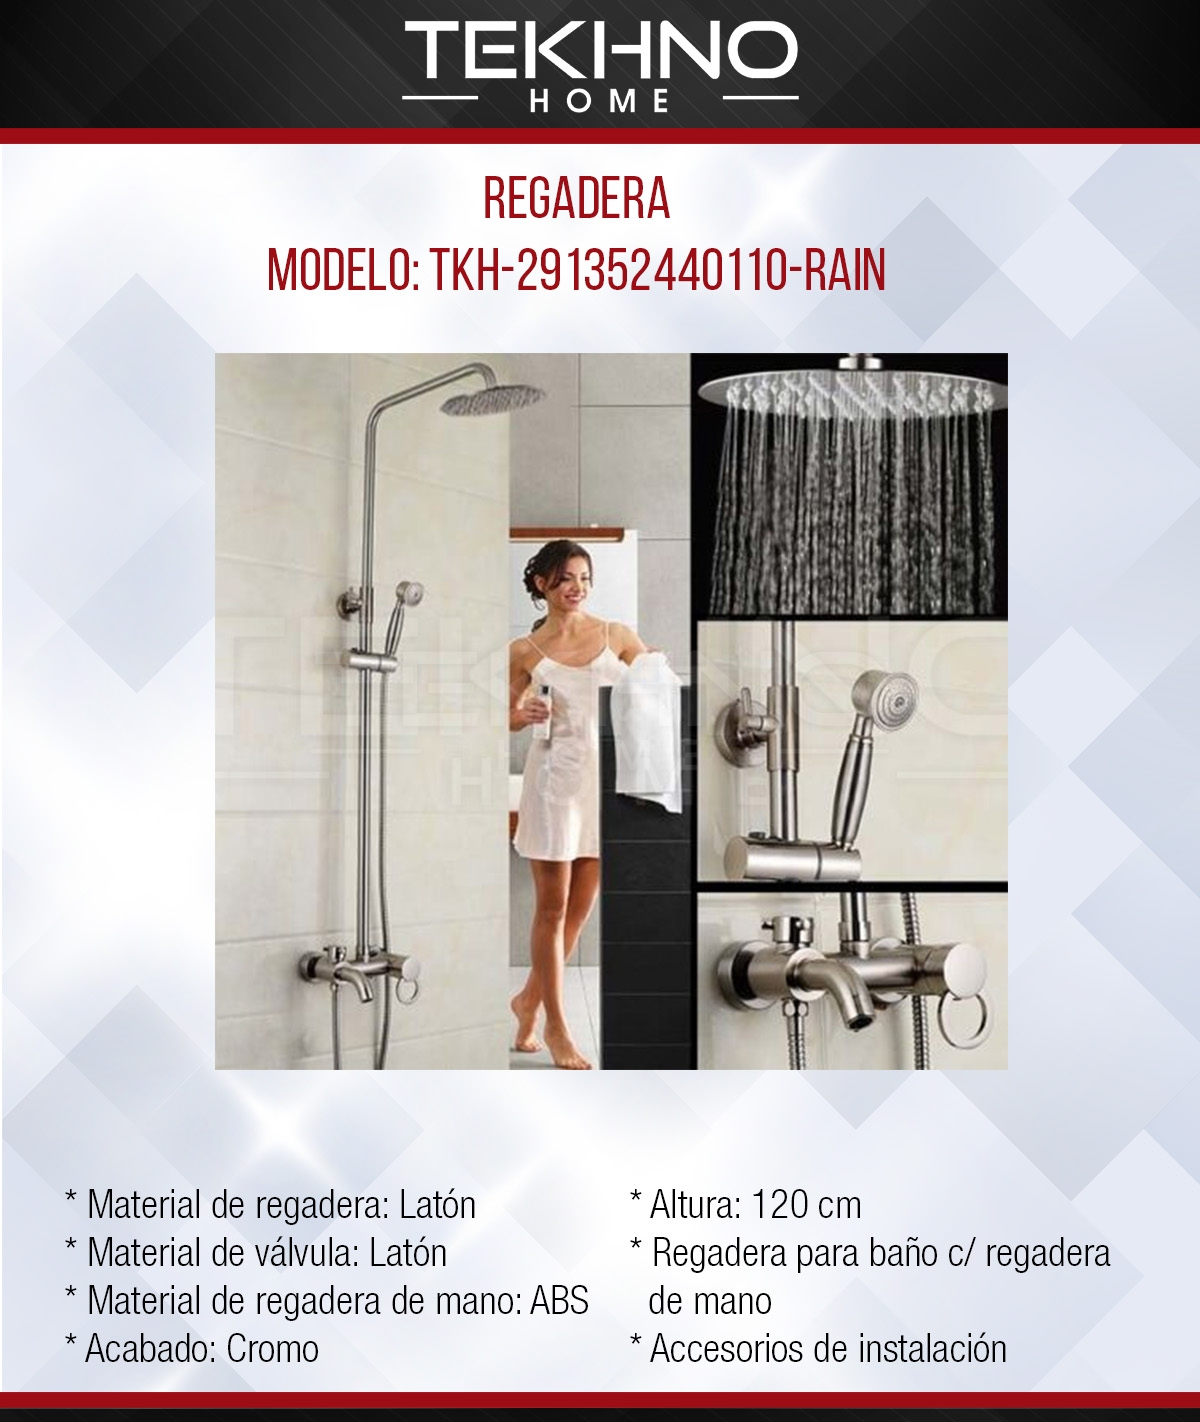 4 Regadera TKH-291352440110-RAIN